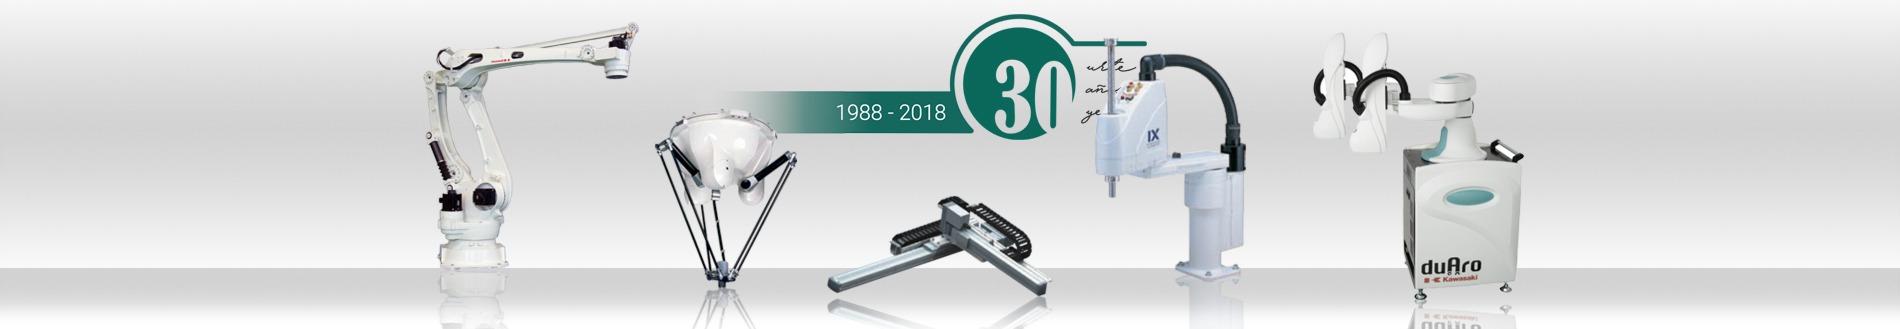 robots larraioz 30 años